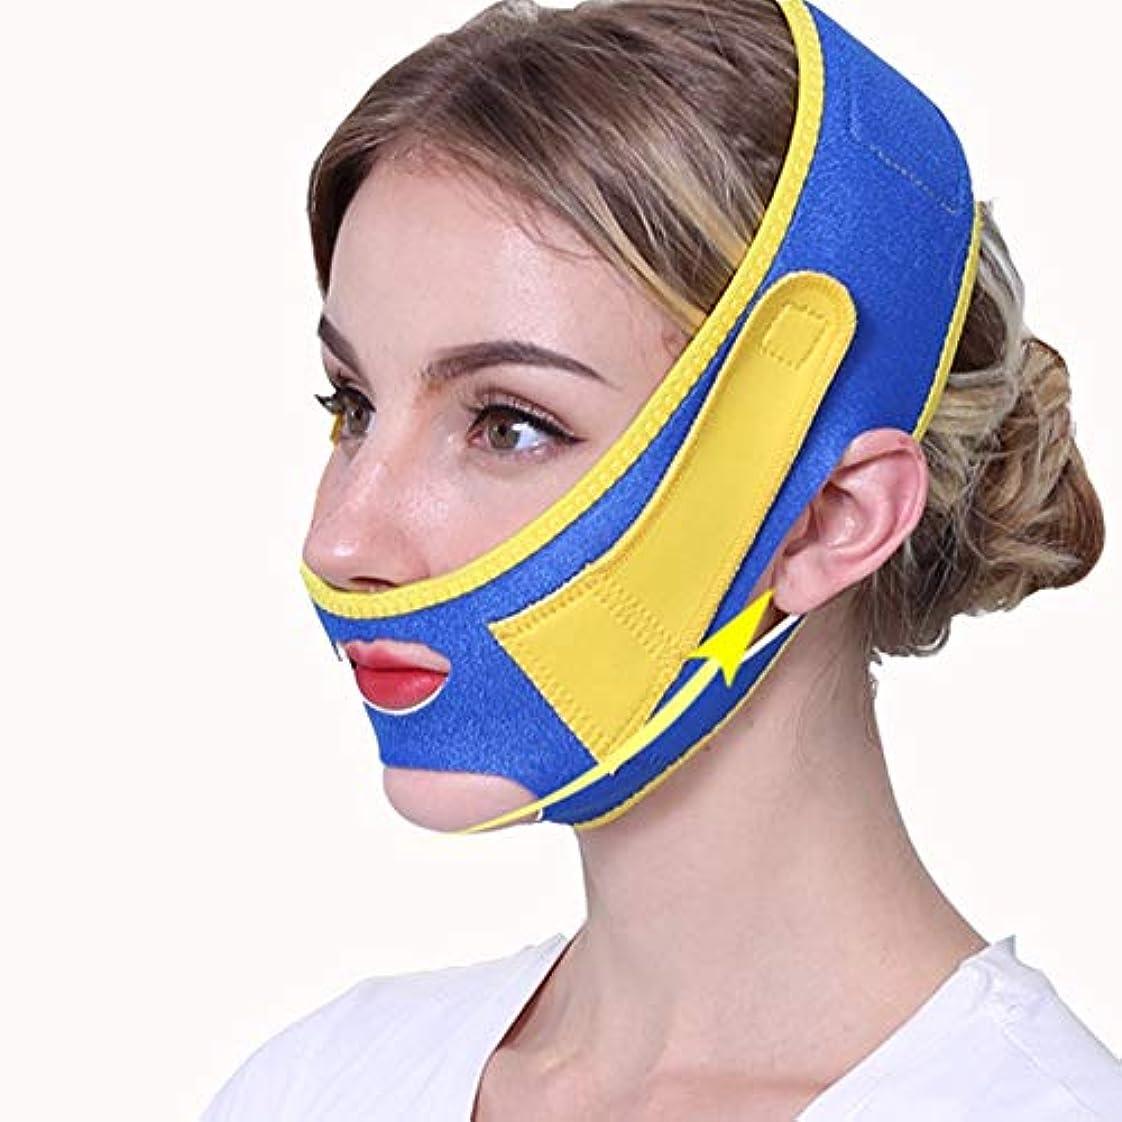 キャッシュ分散建築BS フェイシャルリフティング痩身ベルトフェイス包帯マスク整形マスクフェイスベルトを引き締める薄型フェイス包帯整形マスクフェイスと首の顔を引き締めスリム フェイスリフティングアーティファクト